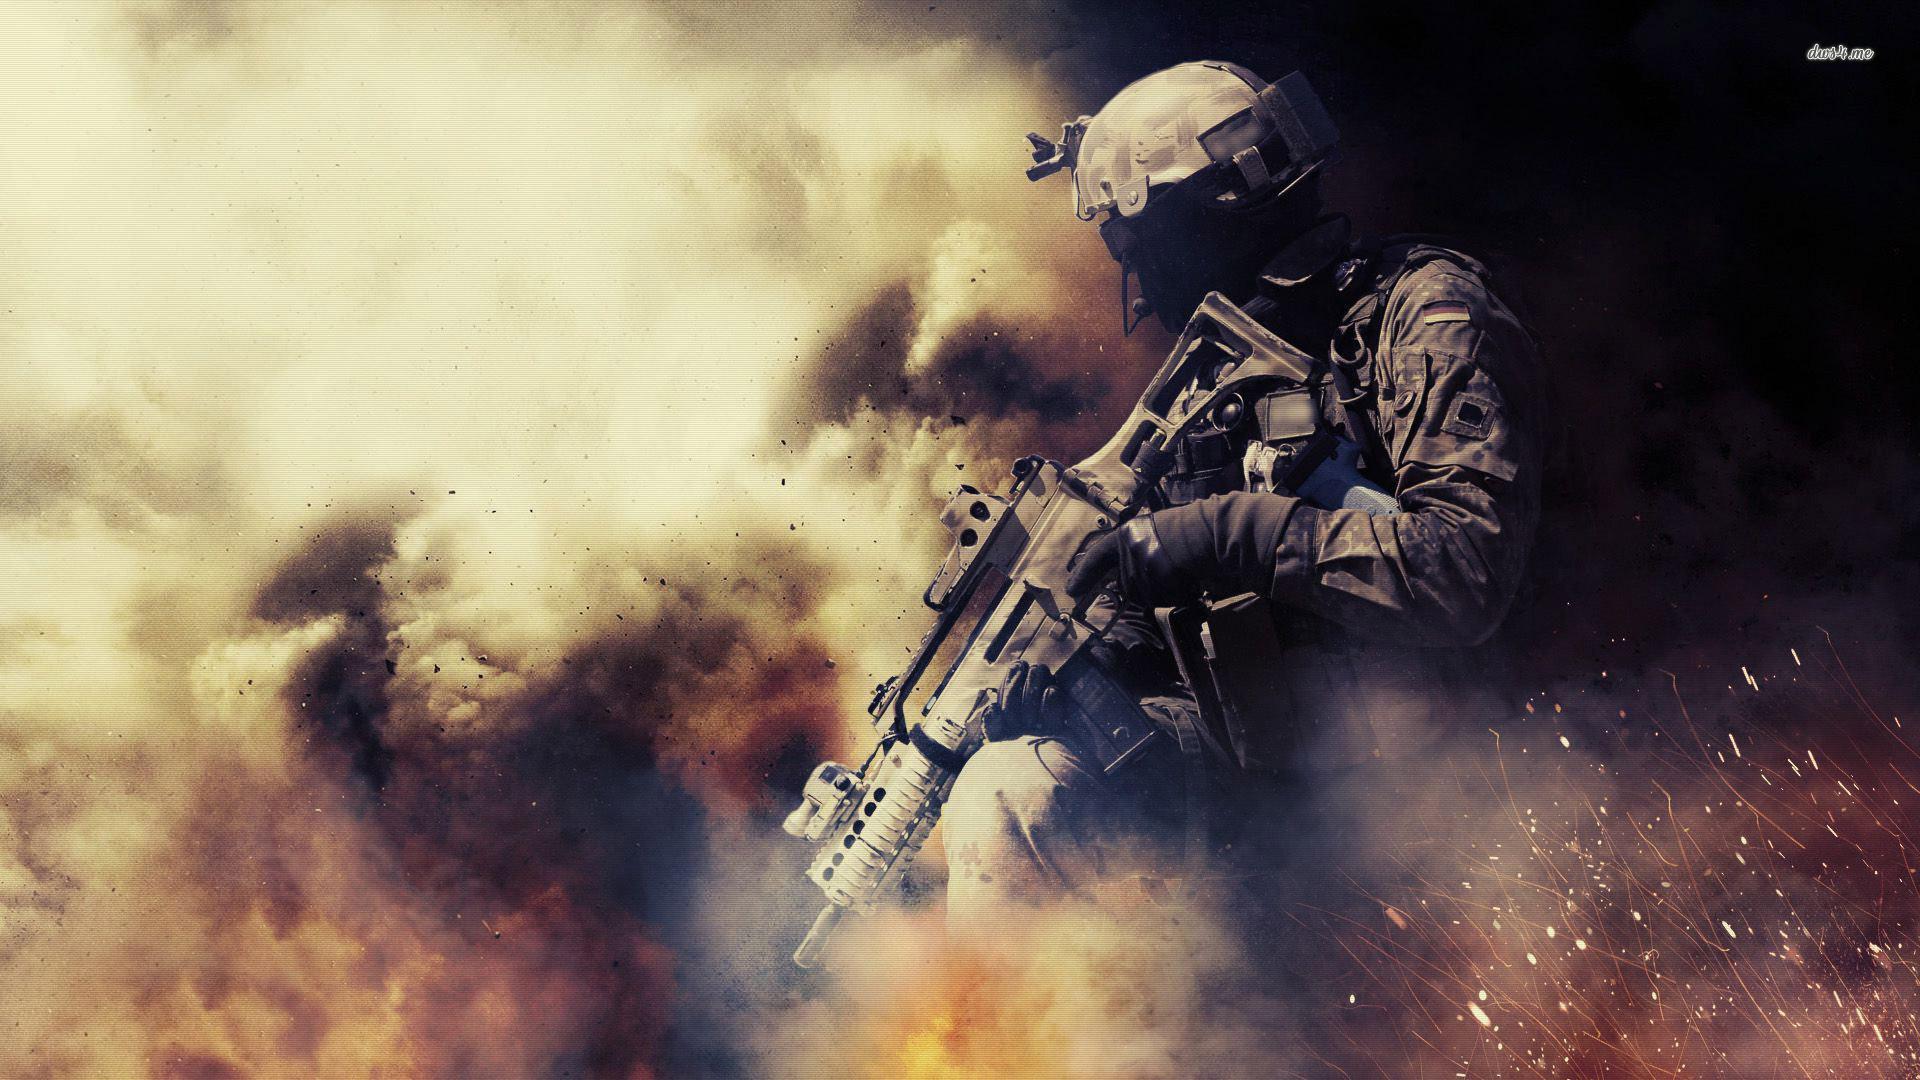 Medal Of Honor Wallpaper Wallpapertag